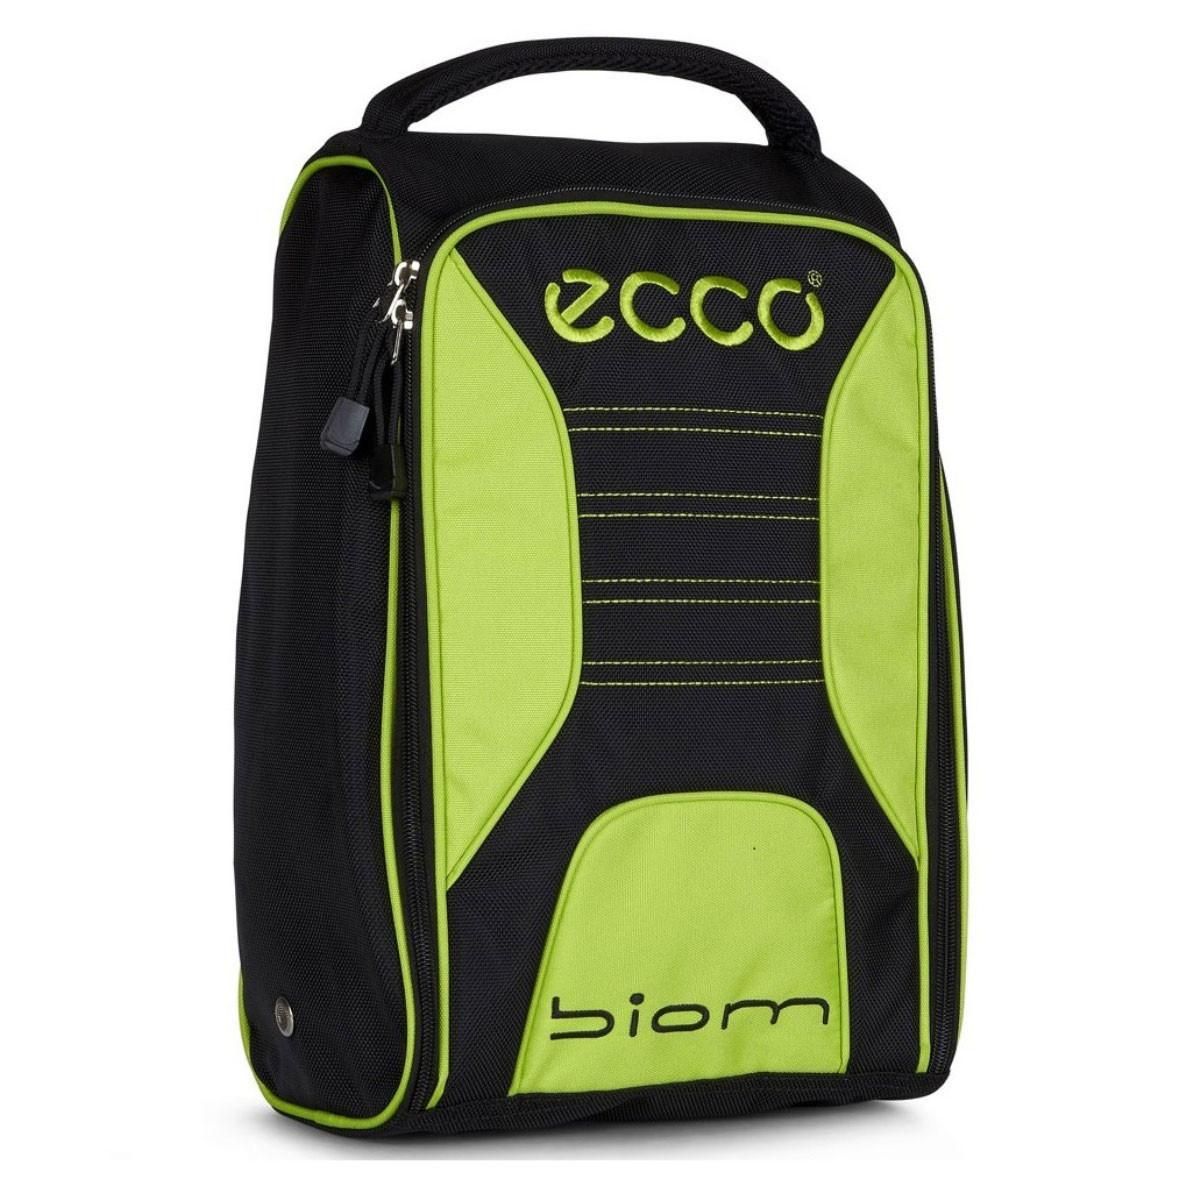 01b142ae0bc5 Ecco Golf Unisex Golf Shoe Bag - Golf Luggage - Accessories - Golf